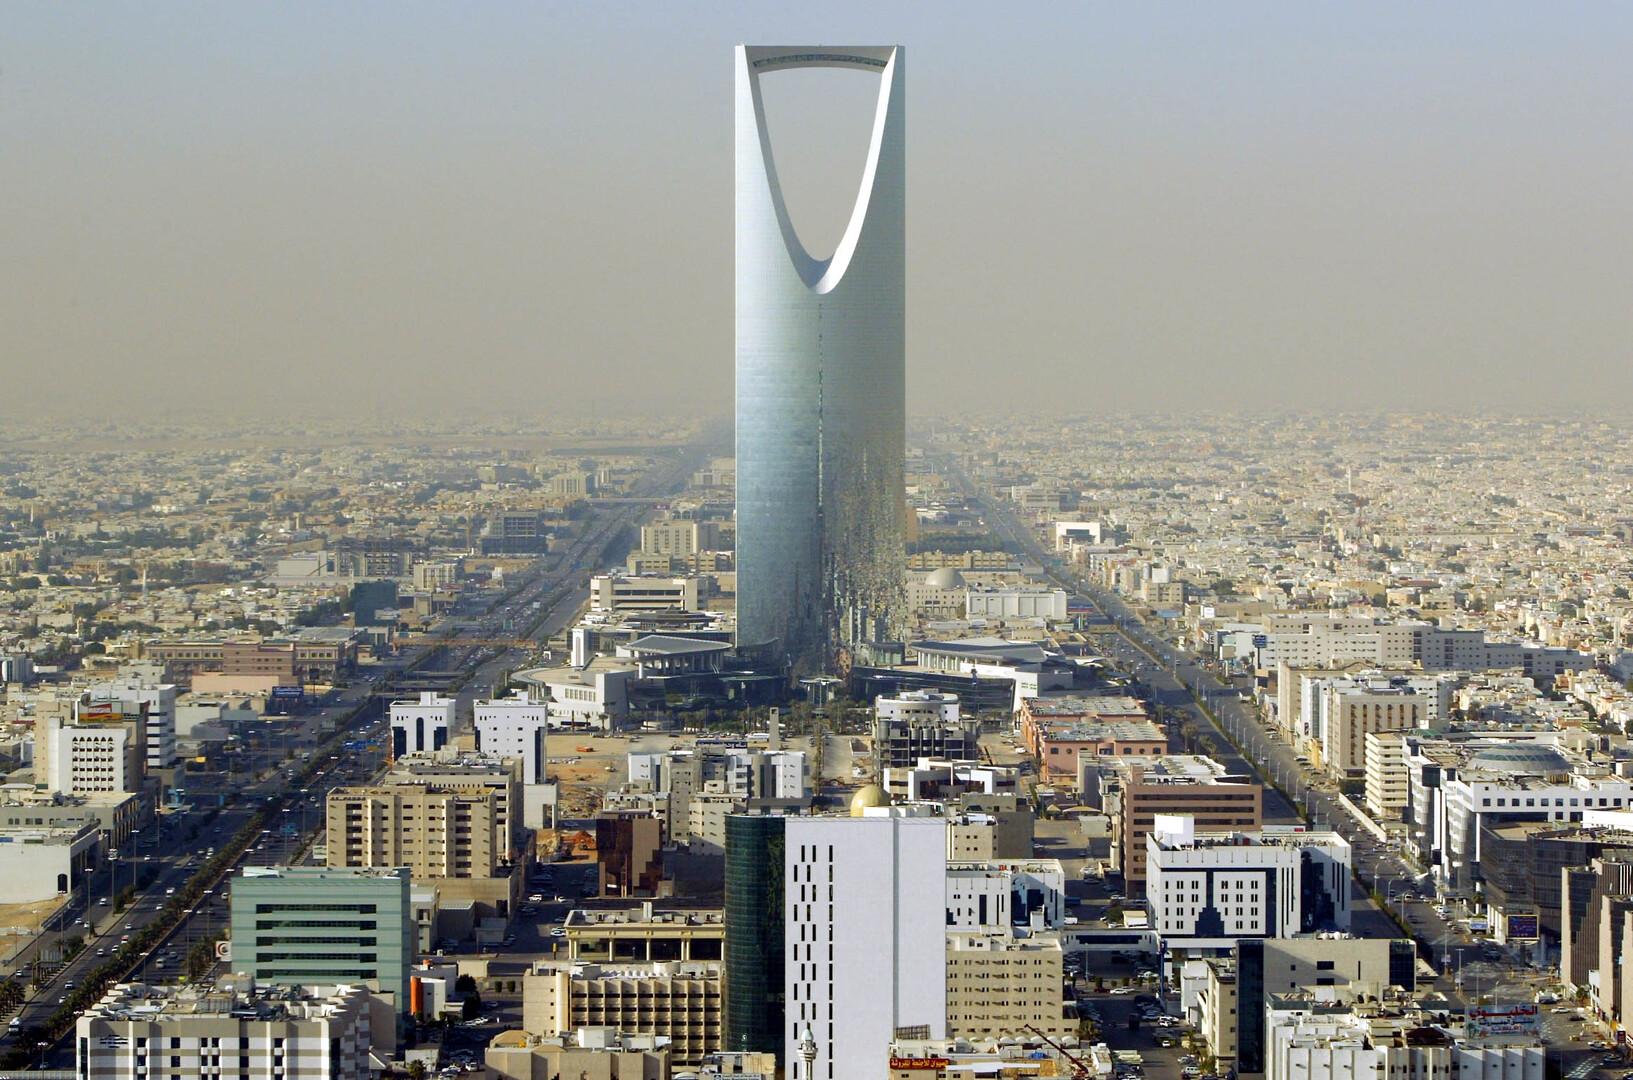 الرياض تعرب عن ثقتها في أن إدارة بادين ستنتهج سياسة تحافظ على الاستقرار الإقليمي